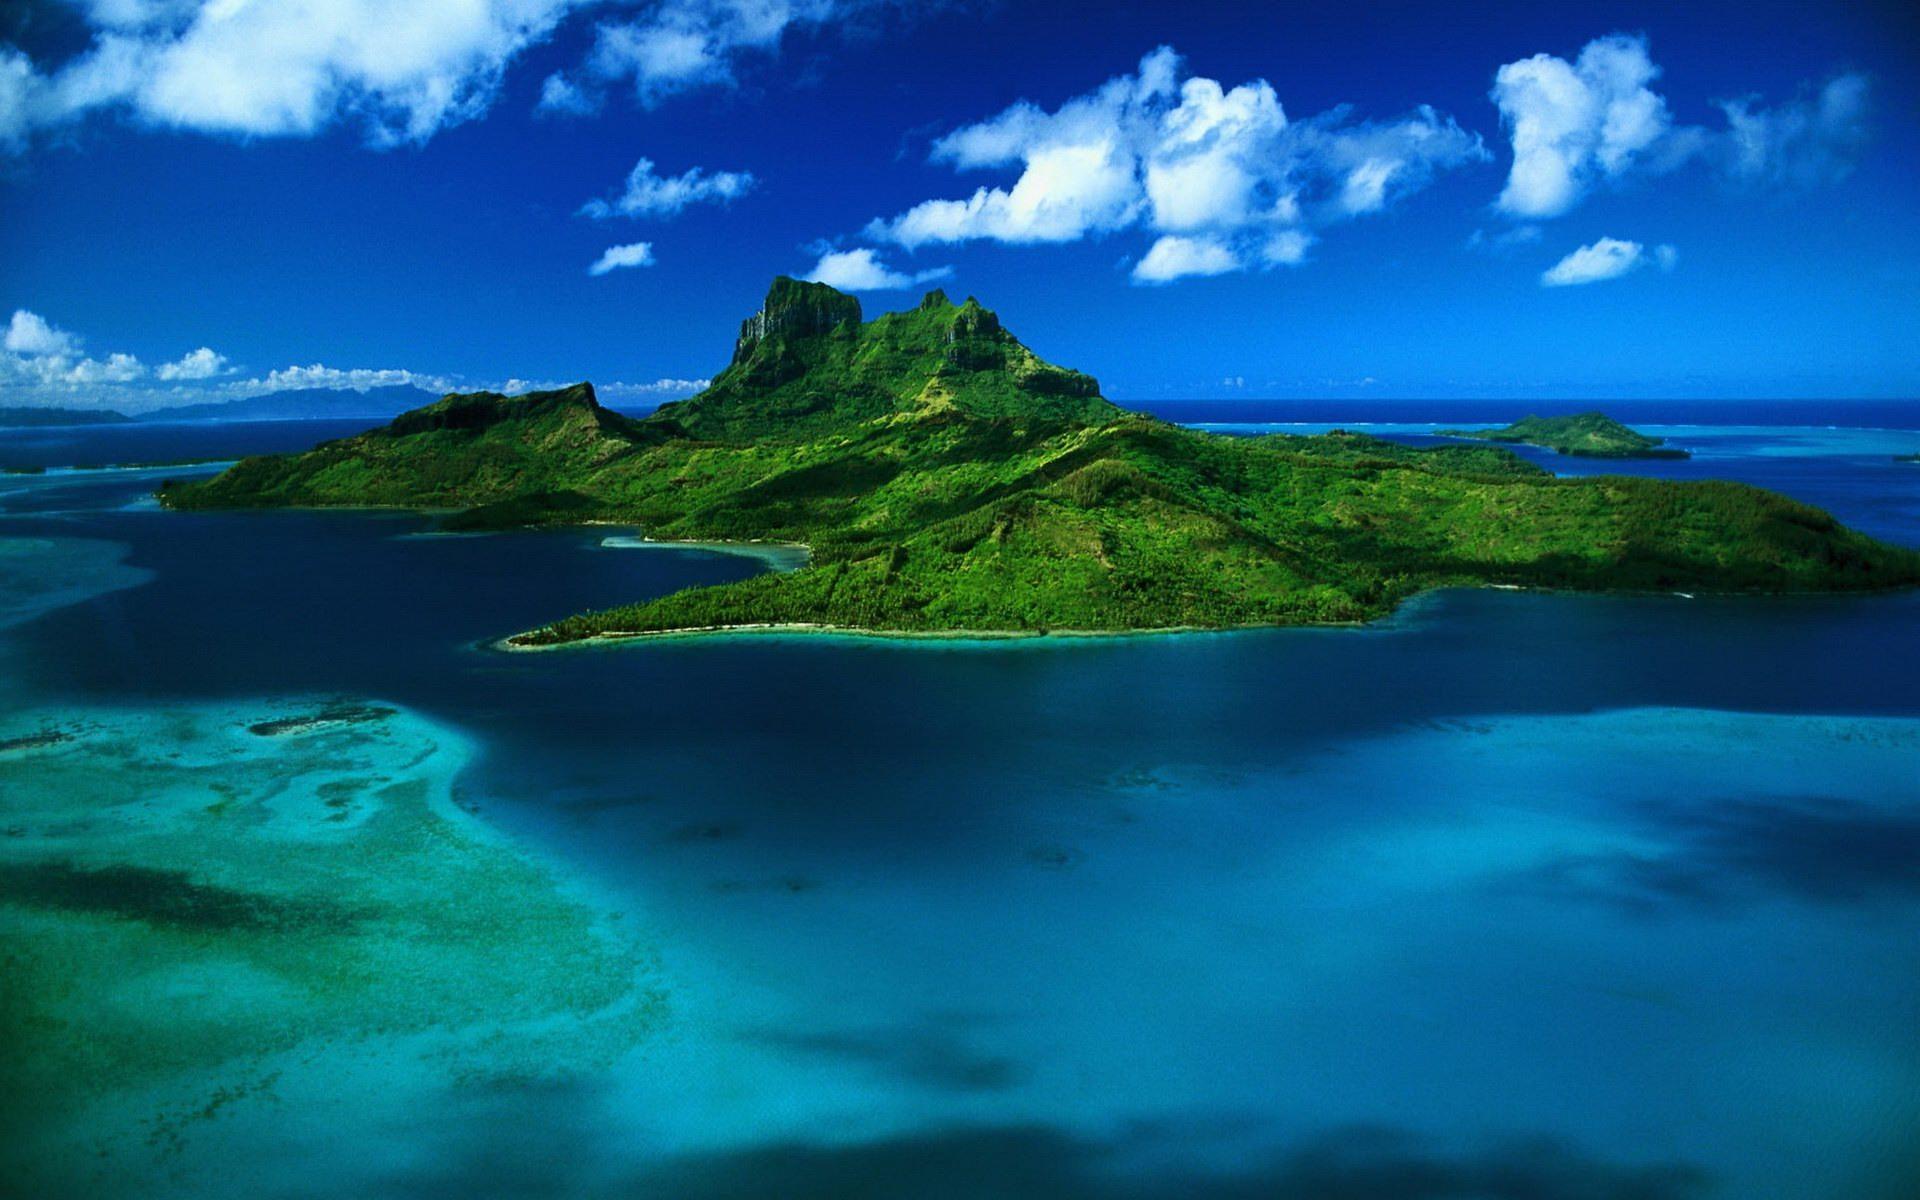 Island in the Ocean desktop wallpaper 1920x1200